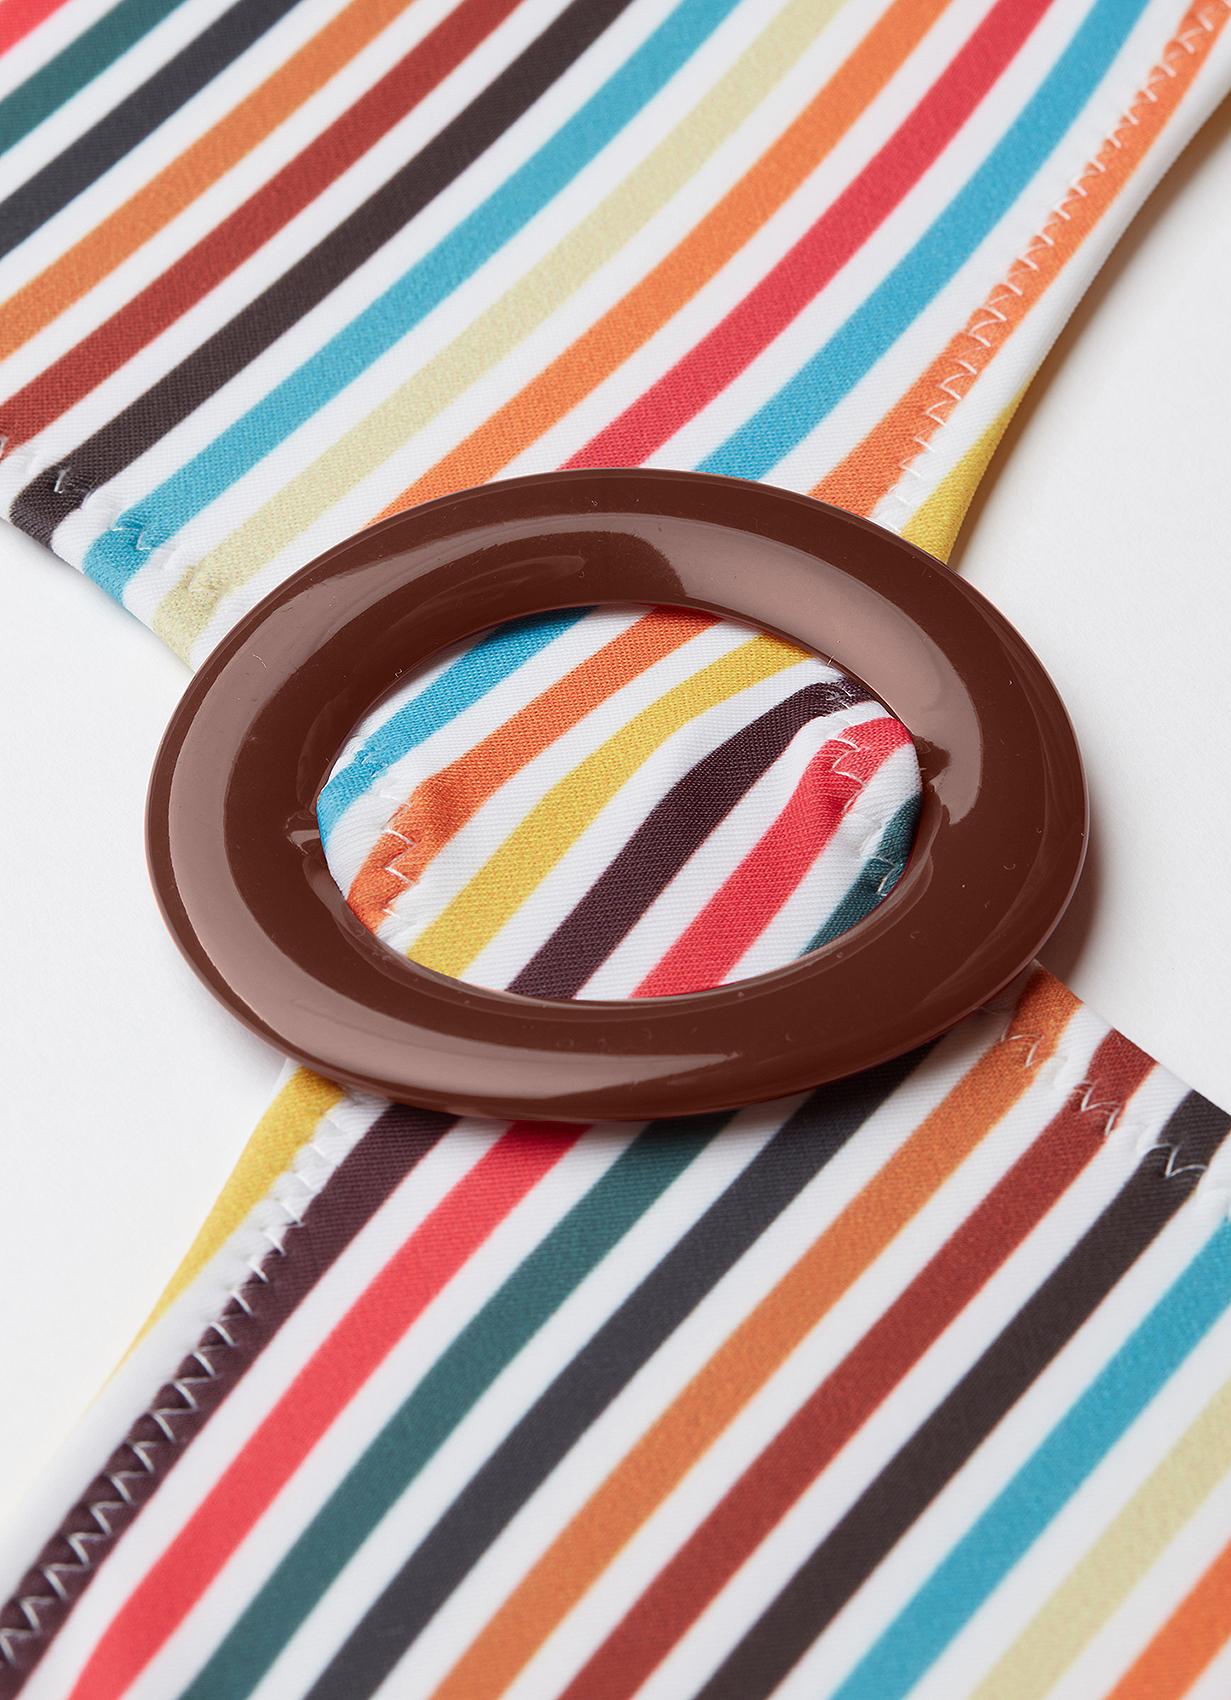 plexiglass-brown